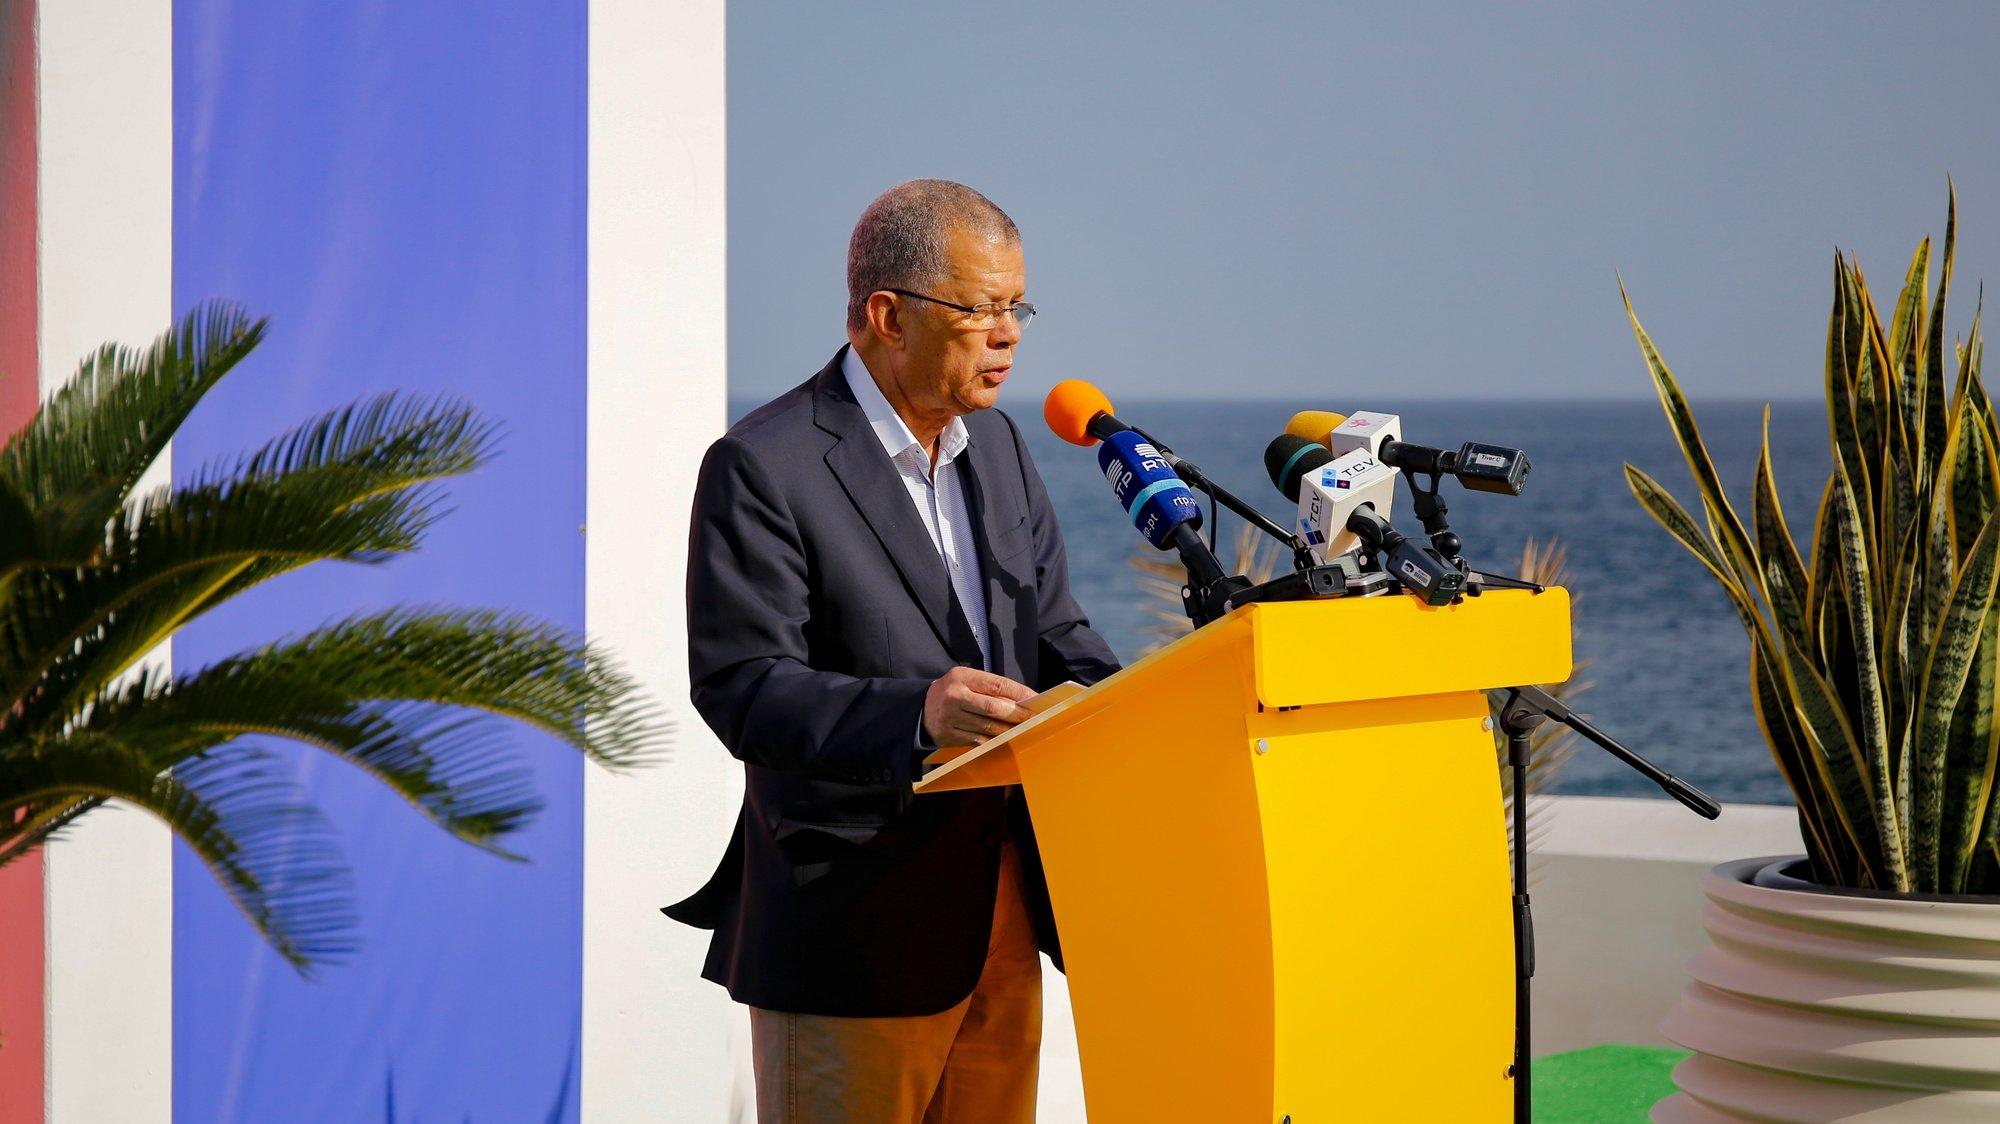 O antigo primeiro-ministro cabo-verdiano, Carlos Veiga, durante a apresentação da sua candidatura às presidenciais de Cabo Verde, Cidade da Praia, Cabo Verde, 04 de março de 2021. FERNANDO DE PINA/LUSA